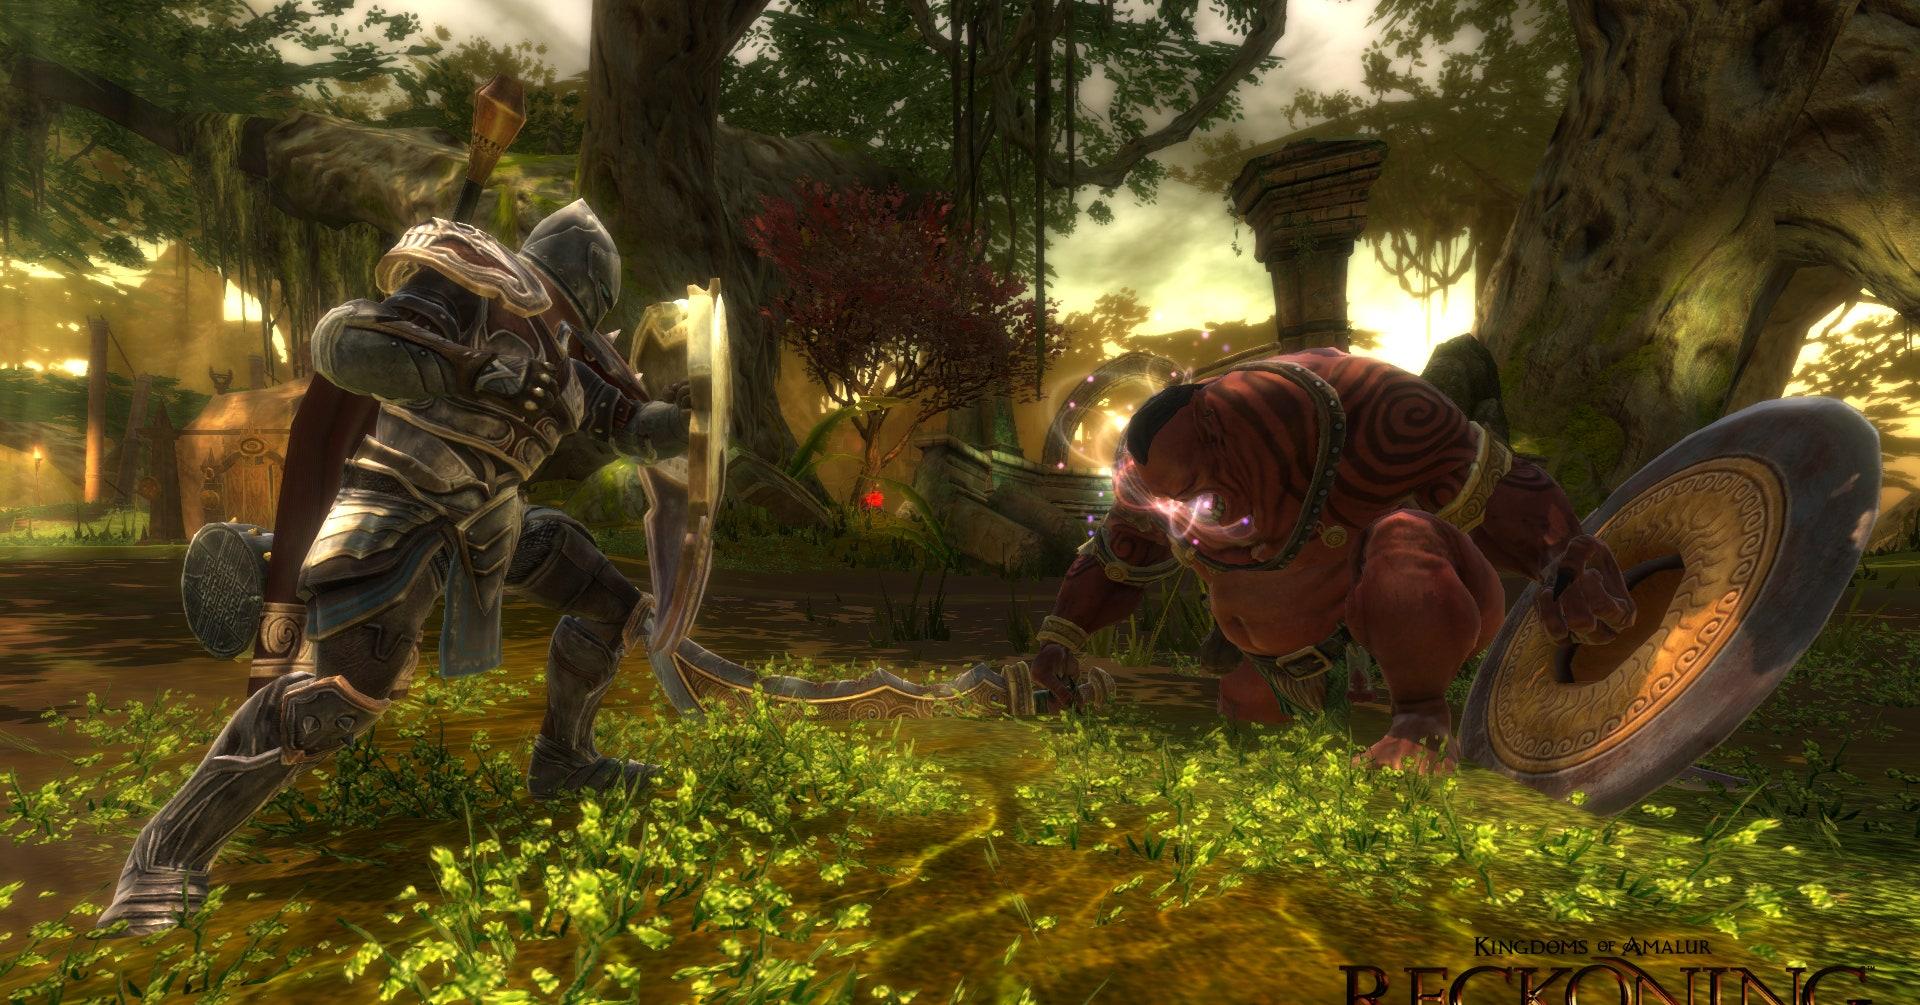 Mi³a niespodzianka dla fanów dobrych hack'n'slash - Kingdoms of Amalur: Reckoning powróci jako remaster